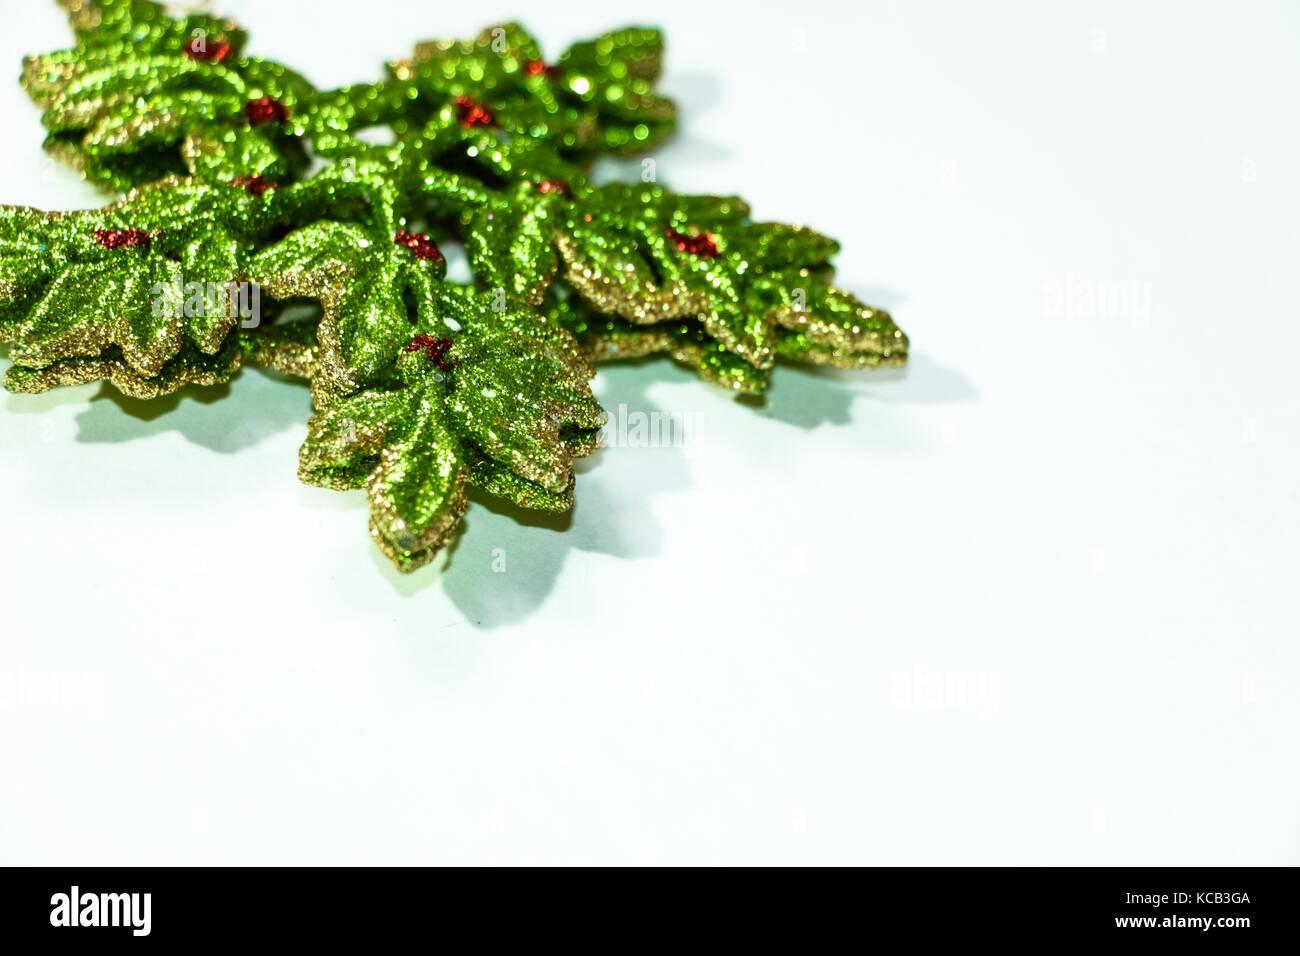 Stella Di Natale A 5 Punte.Bello E Colorato Natale Decorazione A Forma Di Stella A Cinque Punte